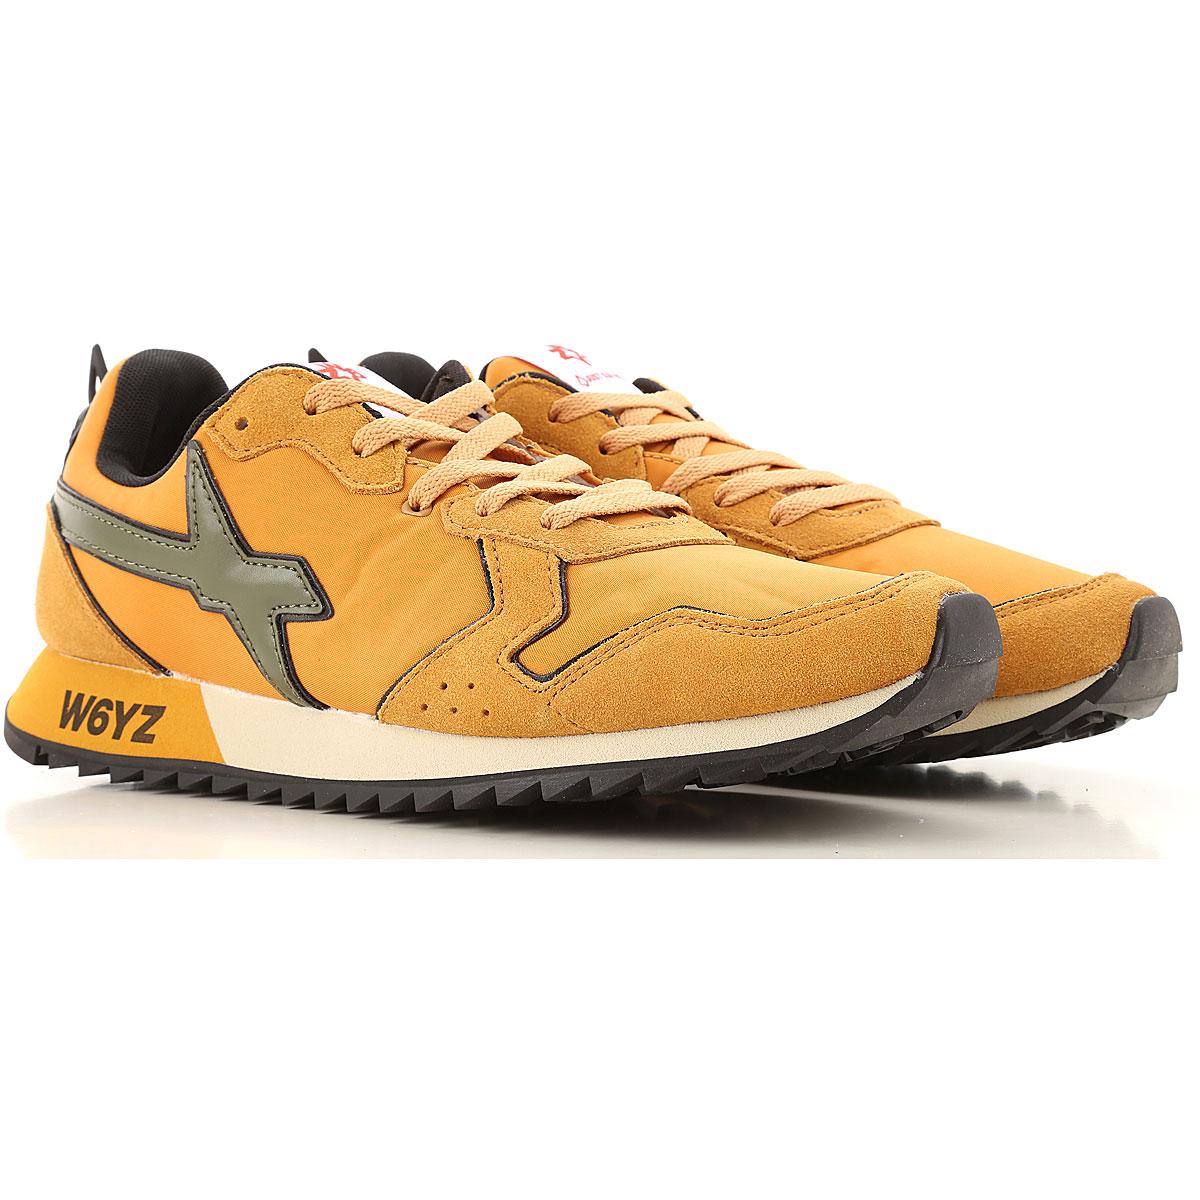 W6YZ Sneakers for Men On Sale, Pumpkin, Velour, 2019, 10 10.5 11.5 9